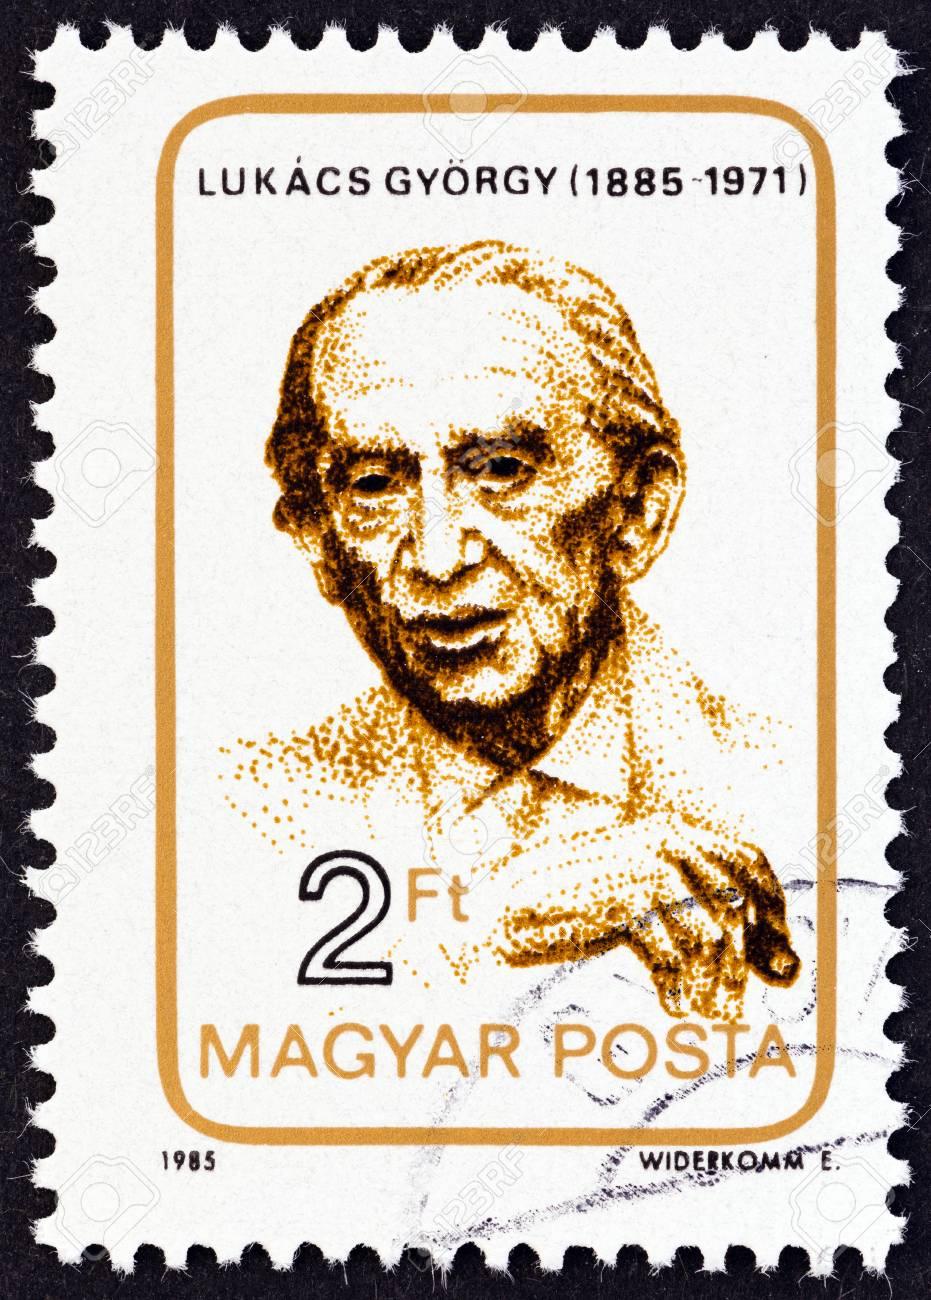 ハンガリー年頃 1985年: ジェルジ ・ ルカーチの誕生 100 周年に発行 ...